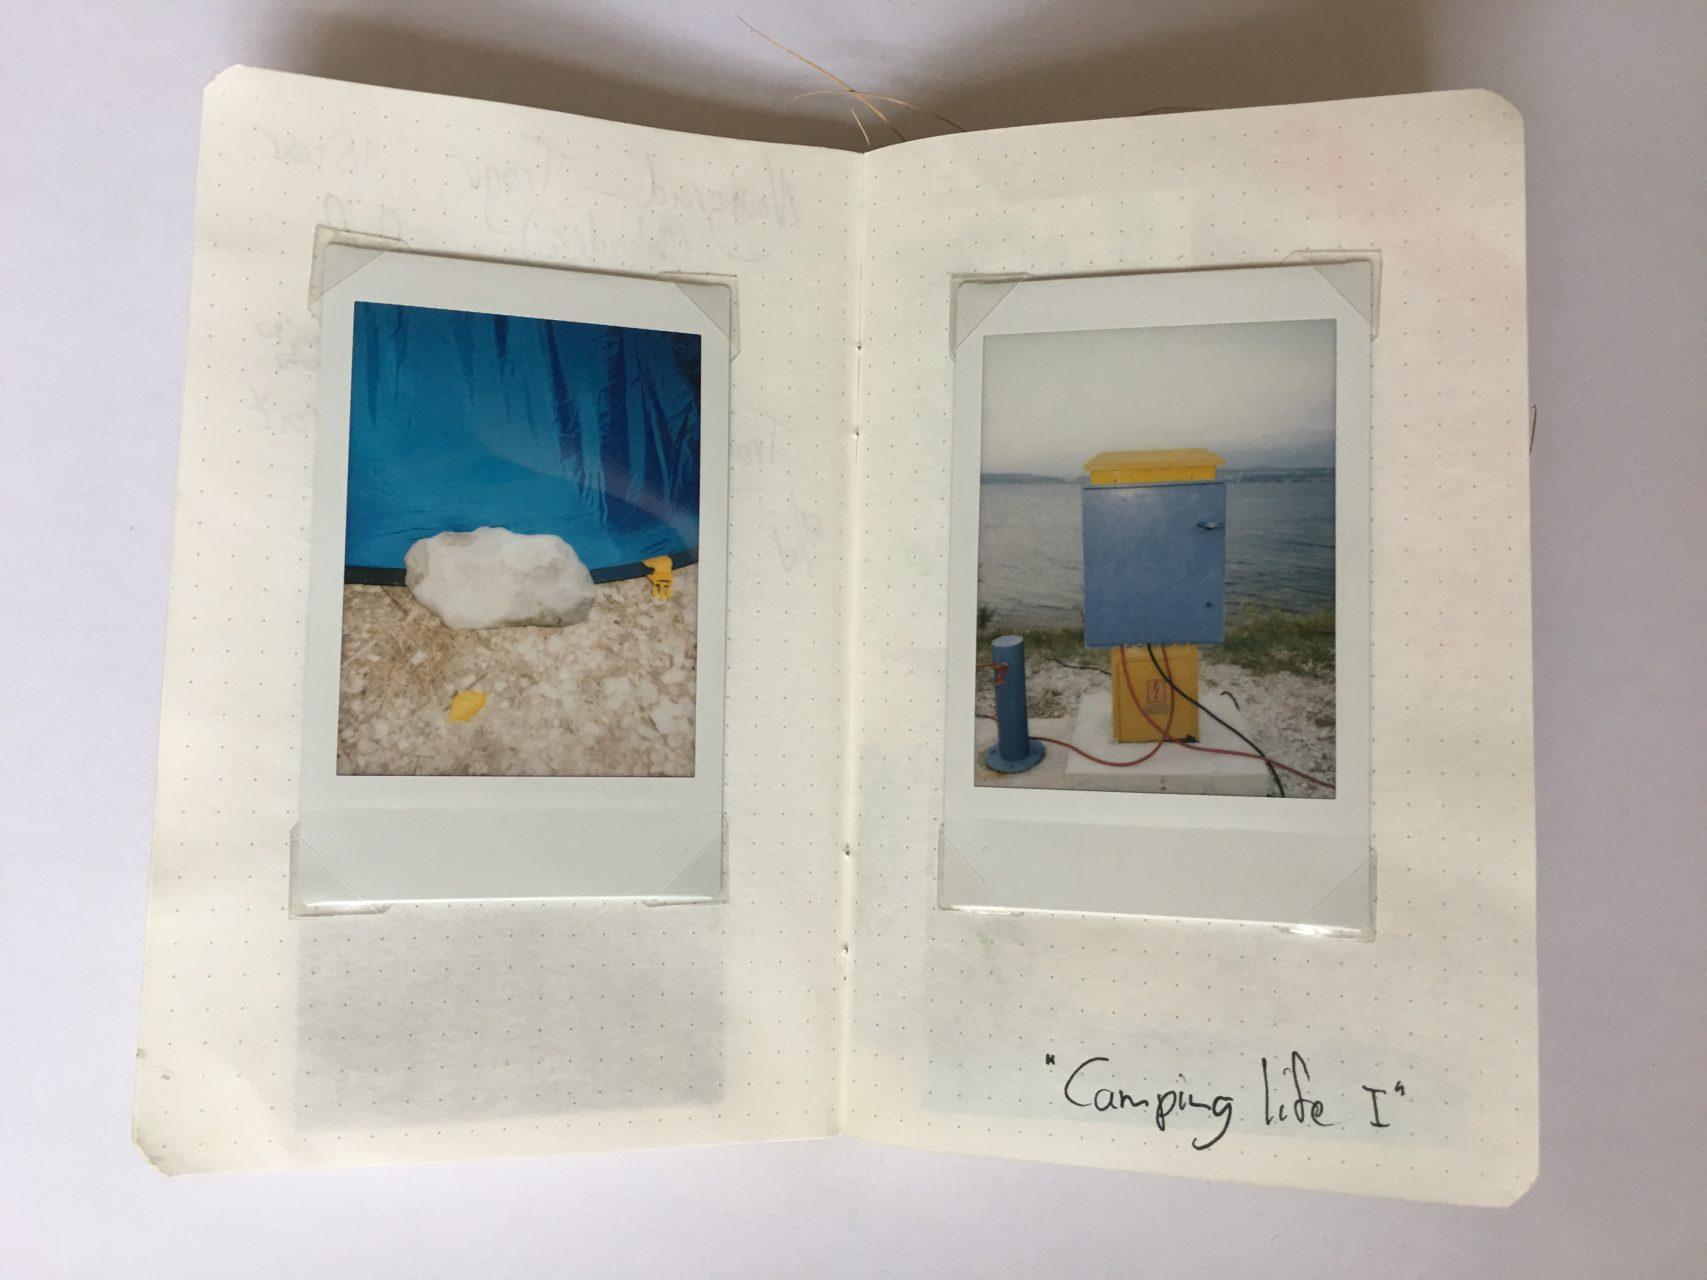 foto-04-11-16-14-16-15